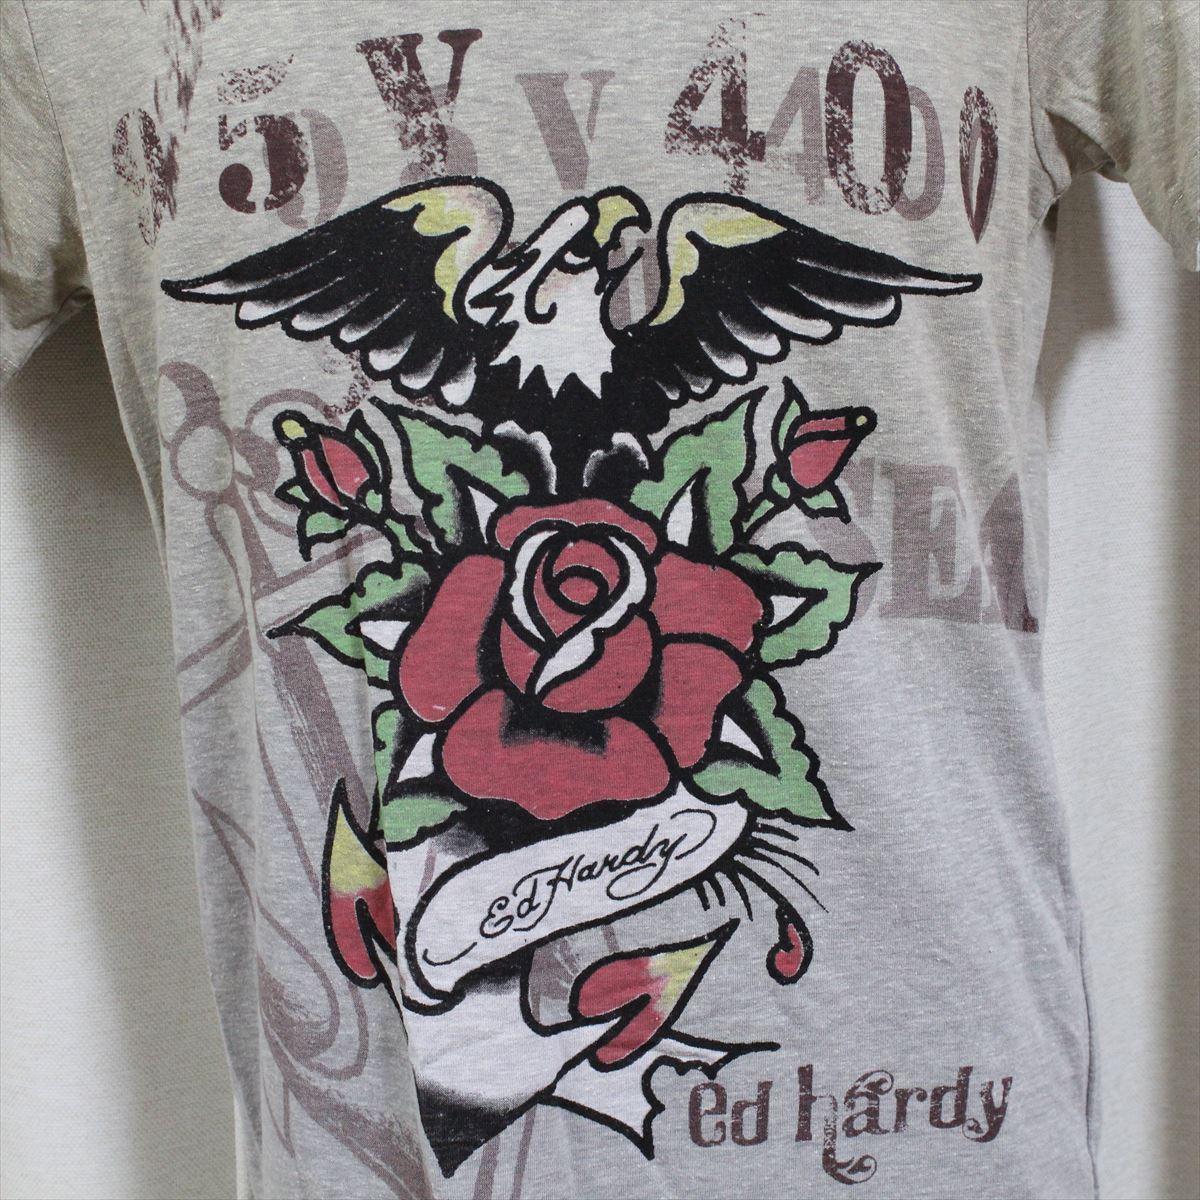 エドハーディー ED HARDY メンズ半袖Tシャツ グレー Sサイズ 新品 Vネック EAGLE ANCHOR _画像2